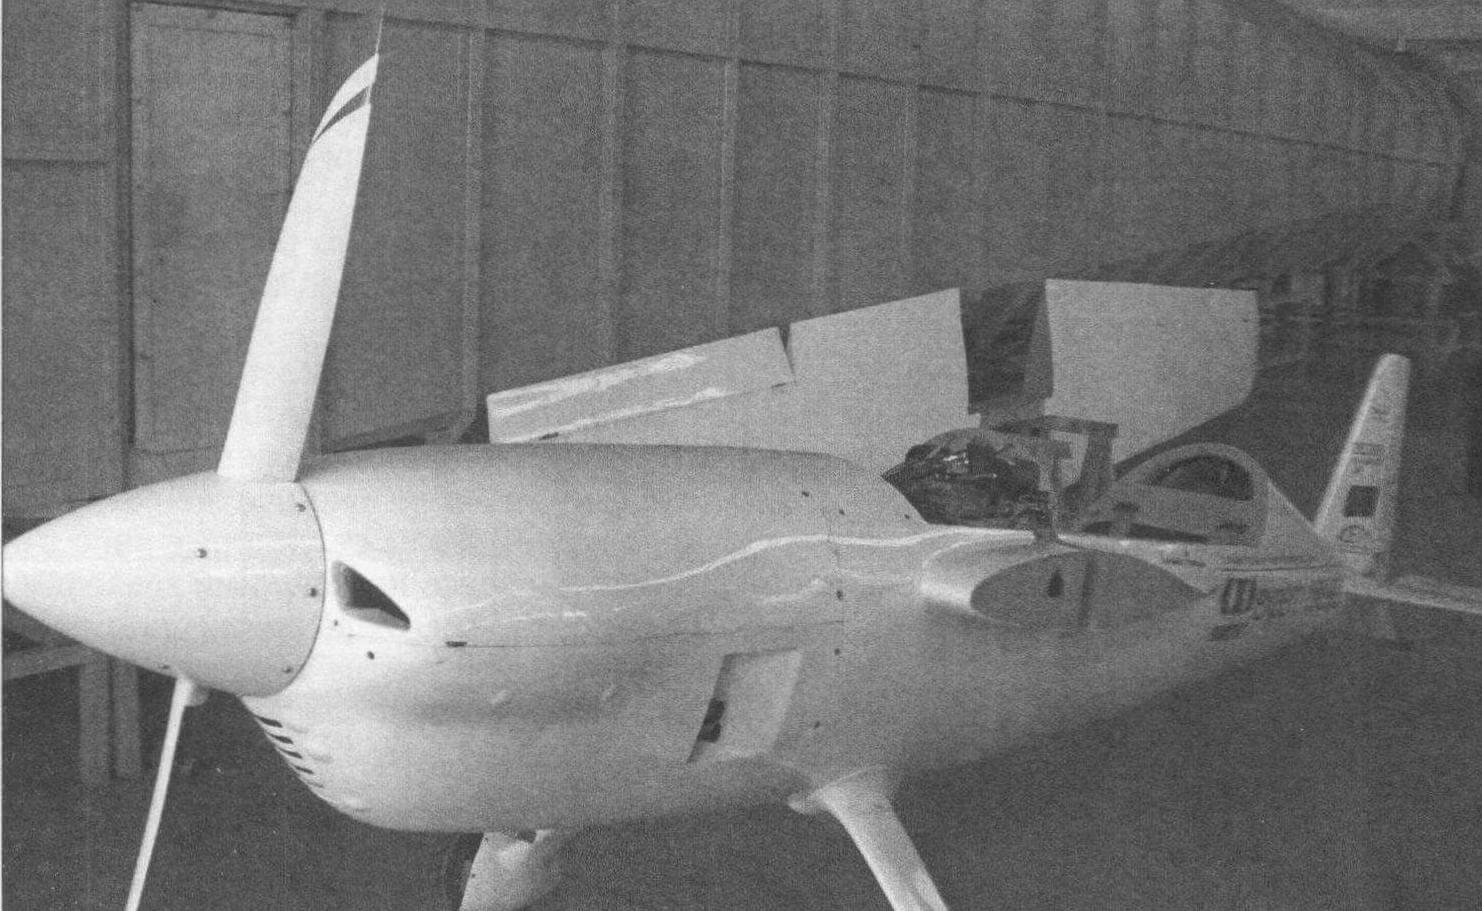 На этом самолете DR 107, созданном студентами университета Белу Оризонти, пилот Гунар Хальбот в 2010 г. завоевал четыре мировых рекорда скорости в категории поршневых самолетов со взлетной массой менее 300 кг. Самолет хранится в здании учебной аэродинамической трубы университета